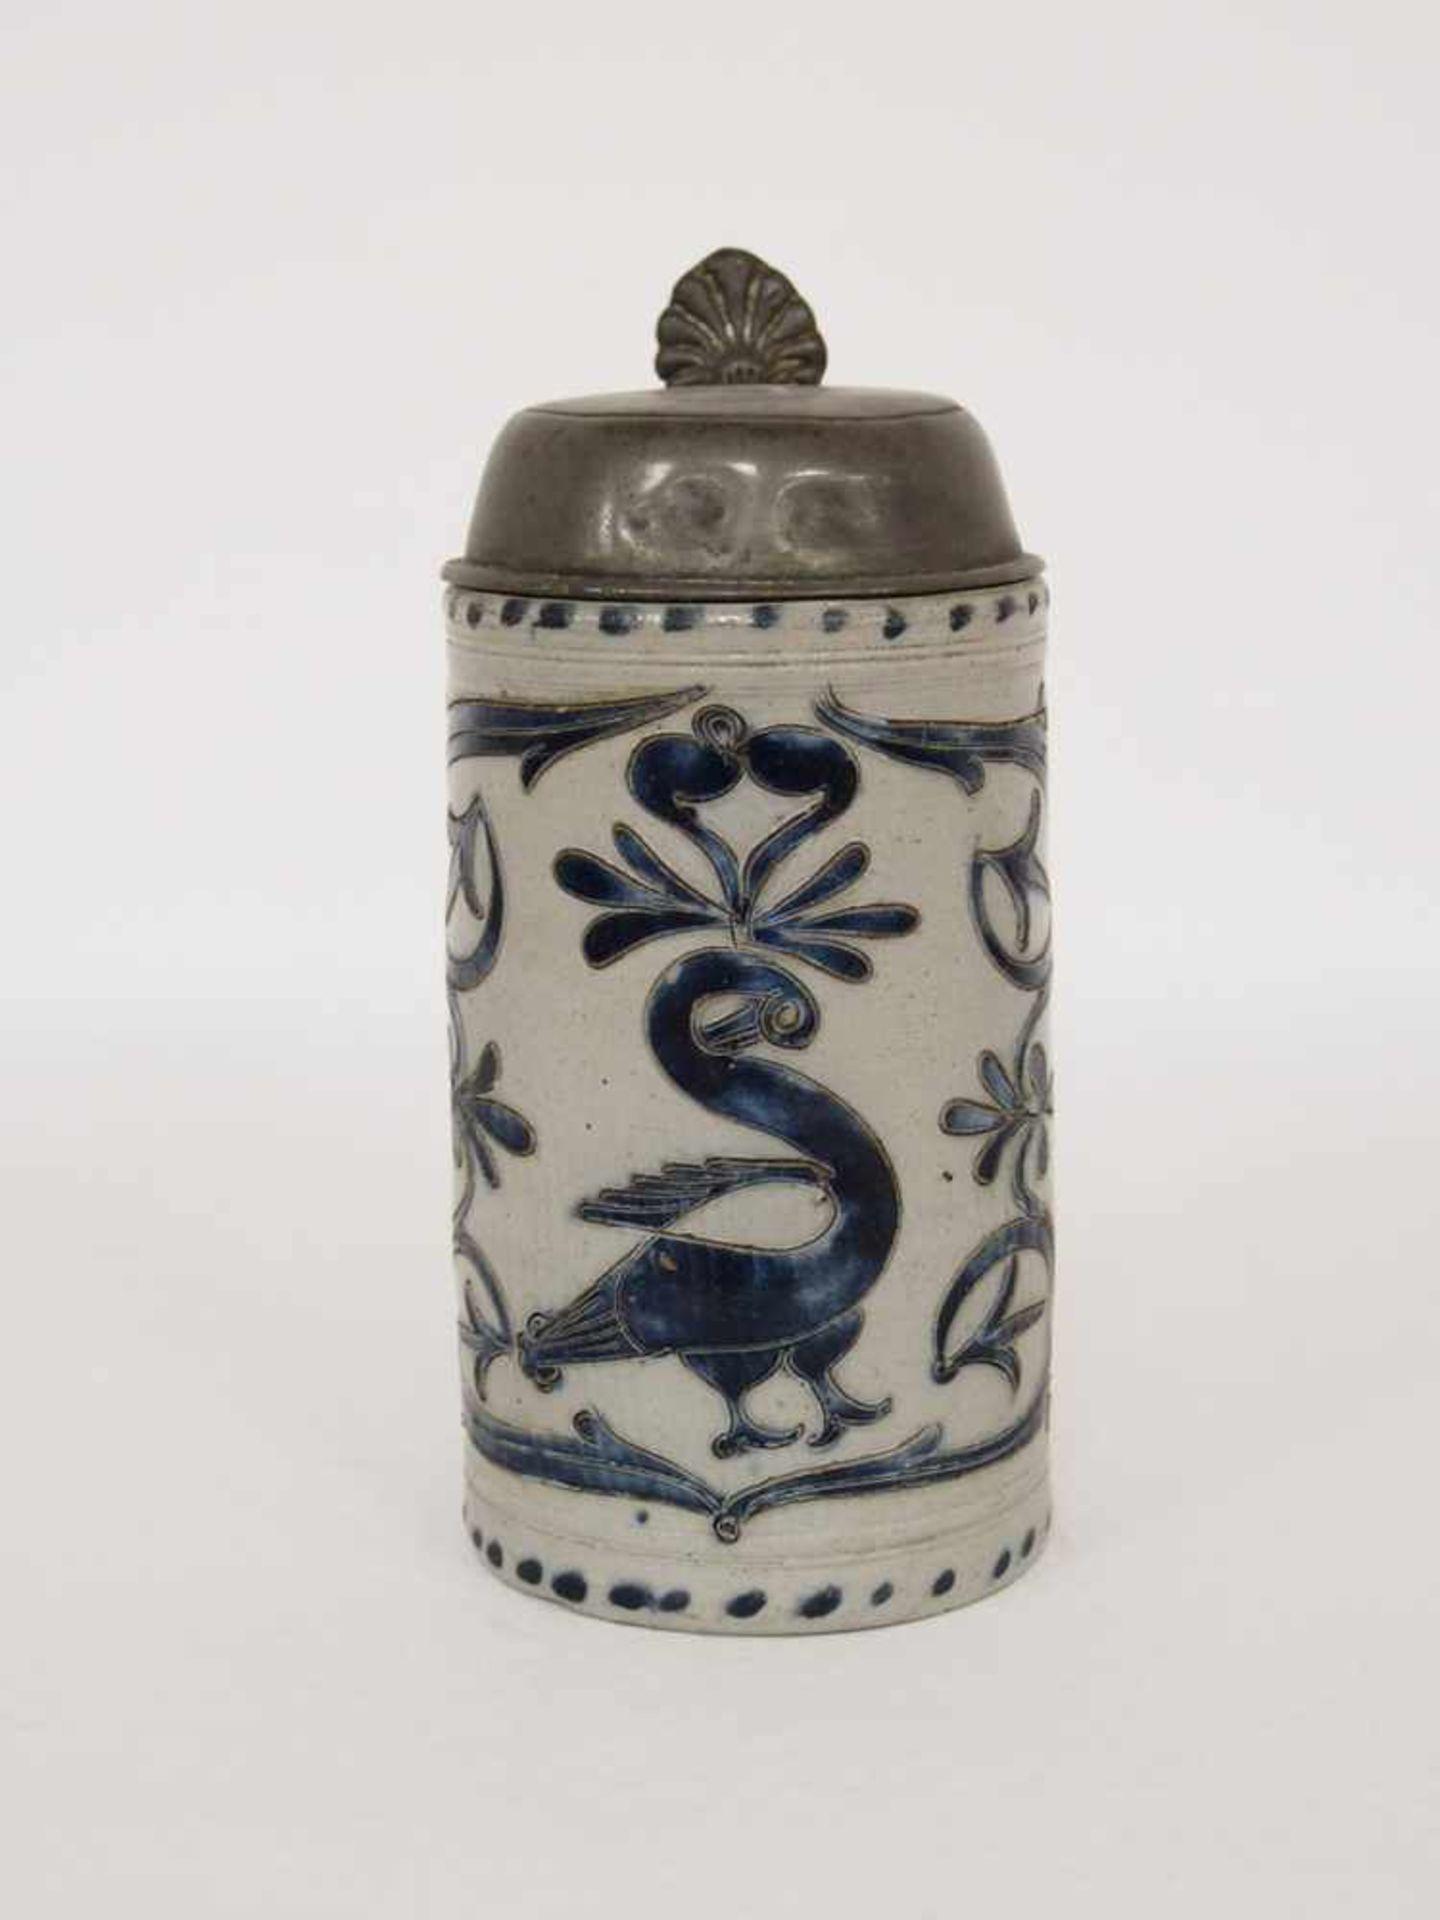 WalzenkrugSteinzeug, glasiert, blau bemalt, Ritzdekor, Blumenranken und Schwan, Zinndeckel, - Bild 2 aus 2